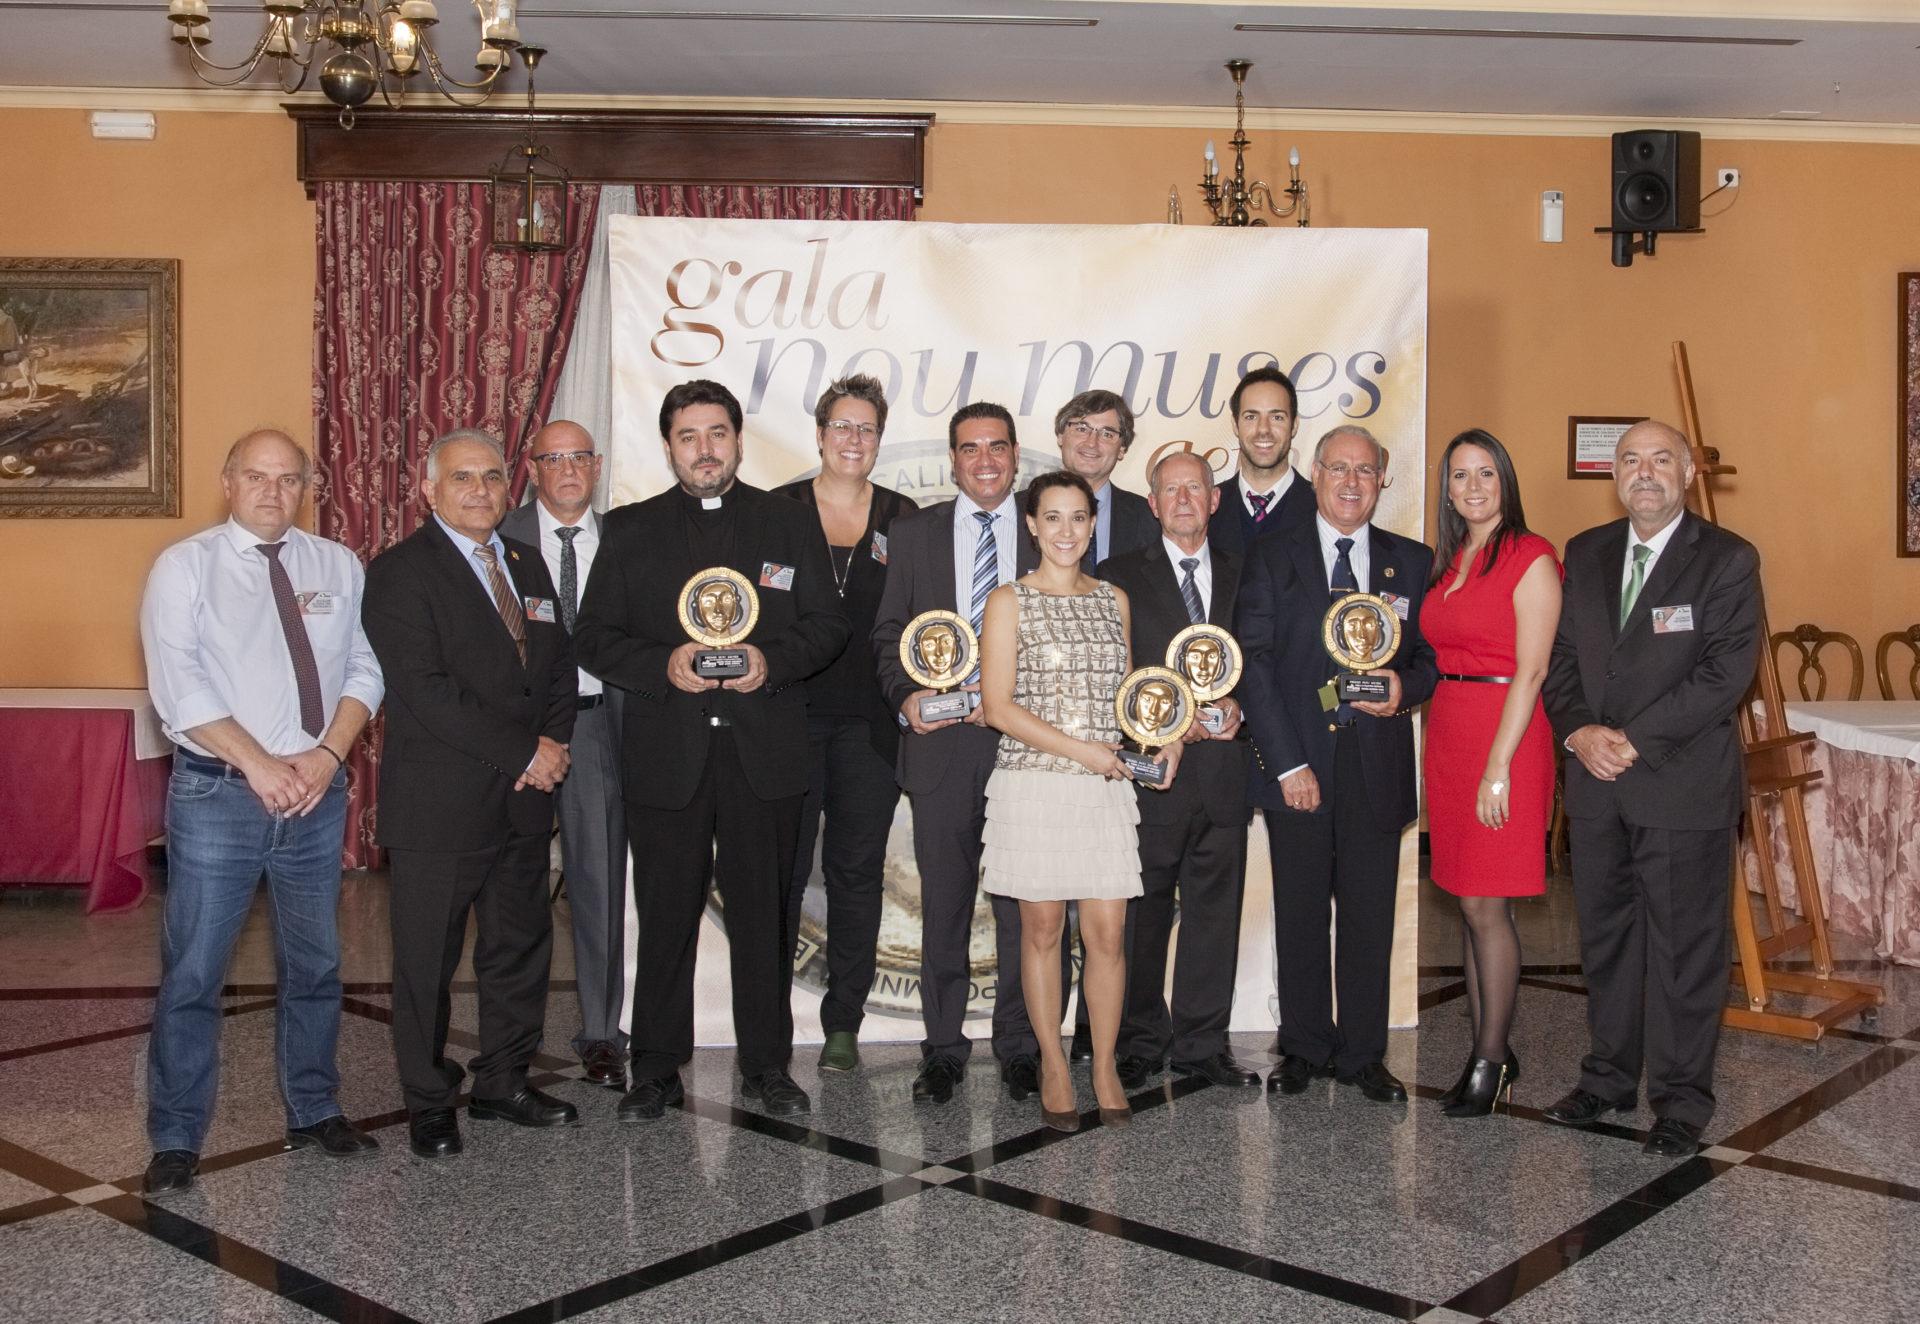 La Asociación Empresarial de Moncada, Alfara del Patriarca y Nàquera (AEMON) celebra la XIII edición de los premios Nou Muses coincidiendo con su 15 aniversario.